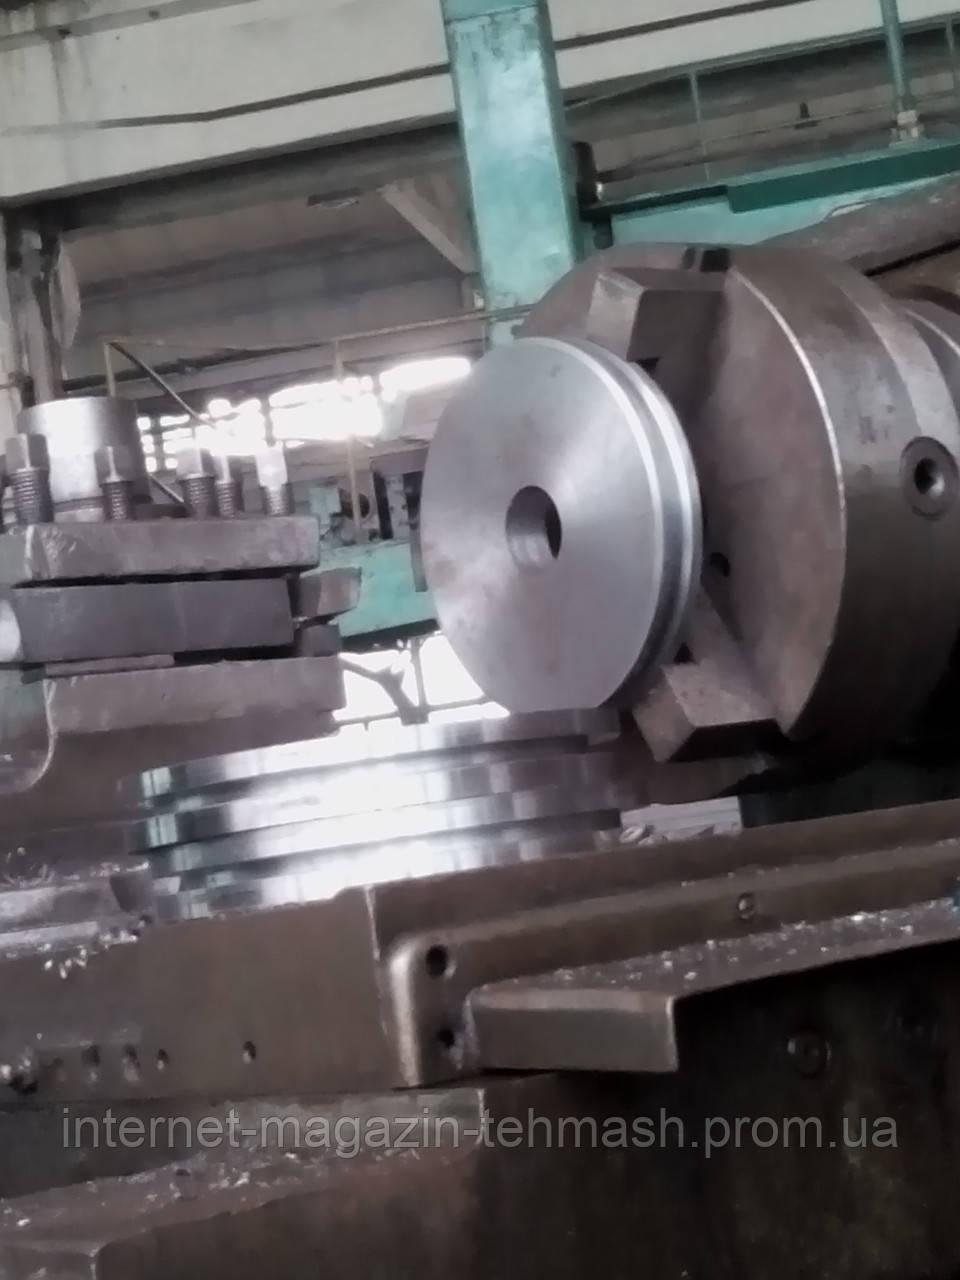 Виготовлення деталей та агрегатів механізмів промислового призначення